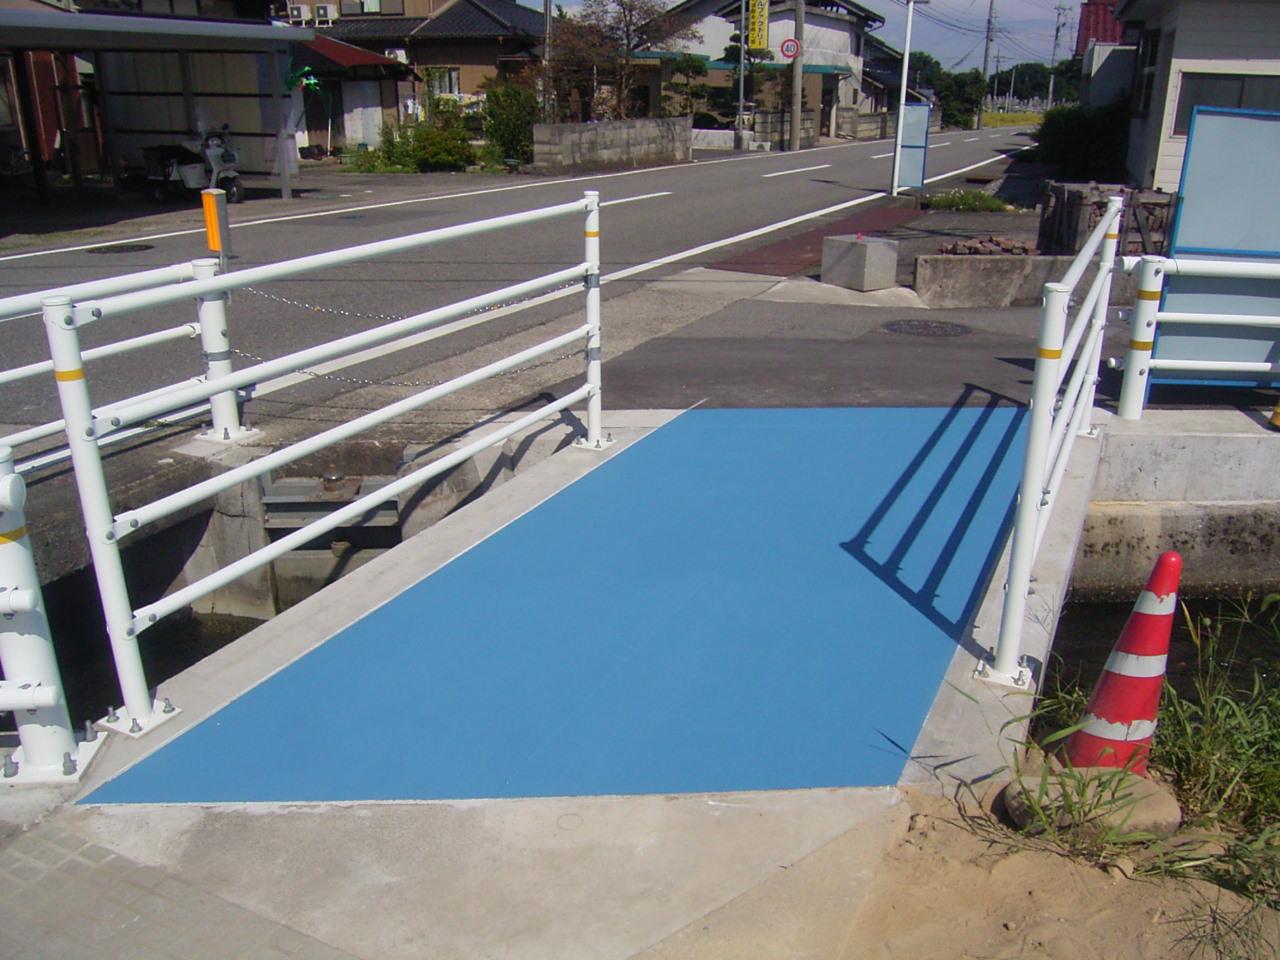 薄層カラー舗装(滑り止め)・路面カラー化 施工事例8